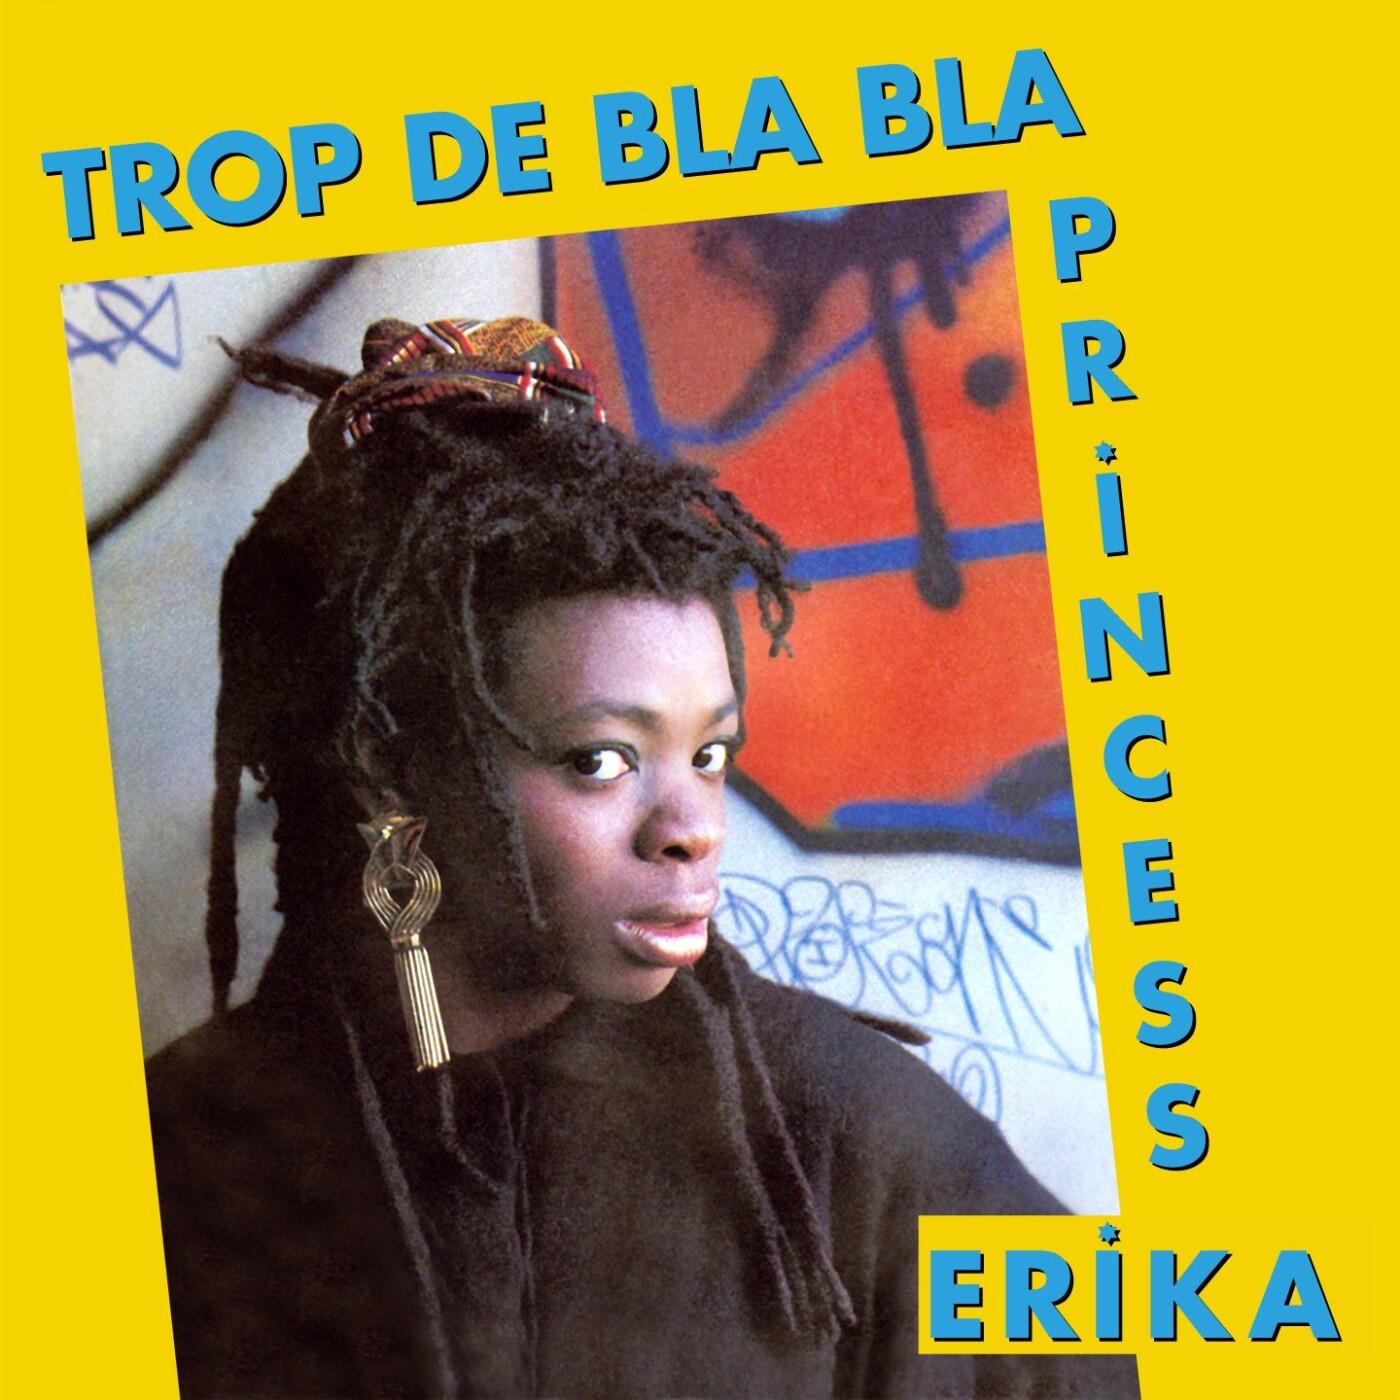 Artiste du jour : Princess Erika nous (re)présente Trop de Blabla - 11 06 2021 - StereoChic Radio